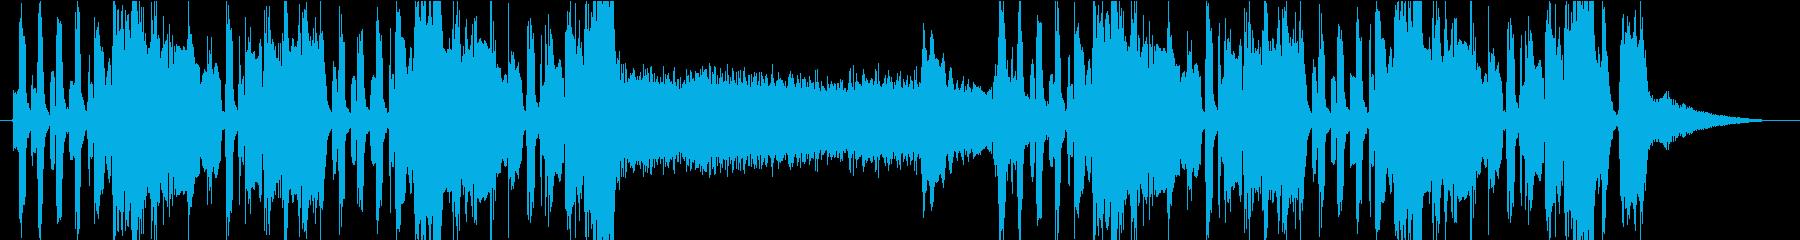 トランペットのメロディが怪しい雰囲気の曲の再生済みの波形